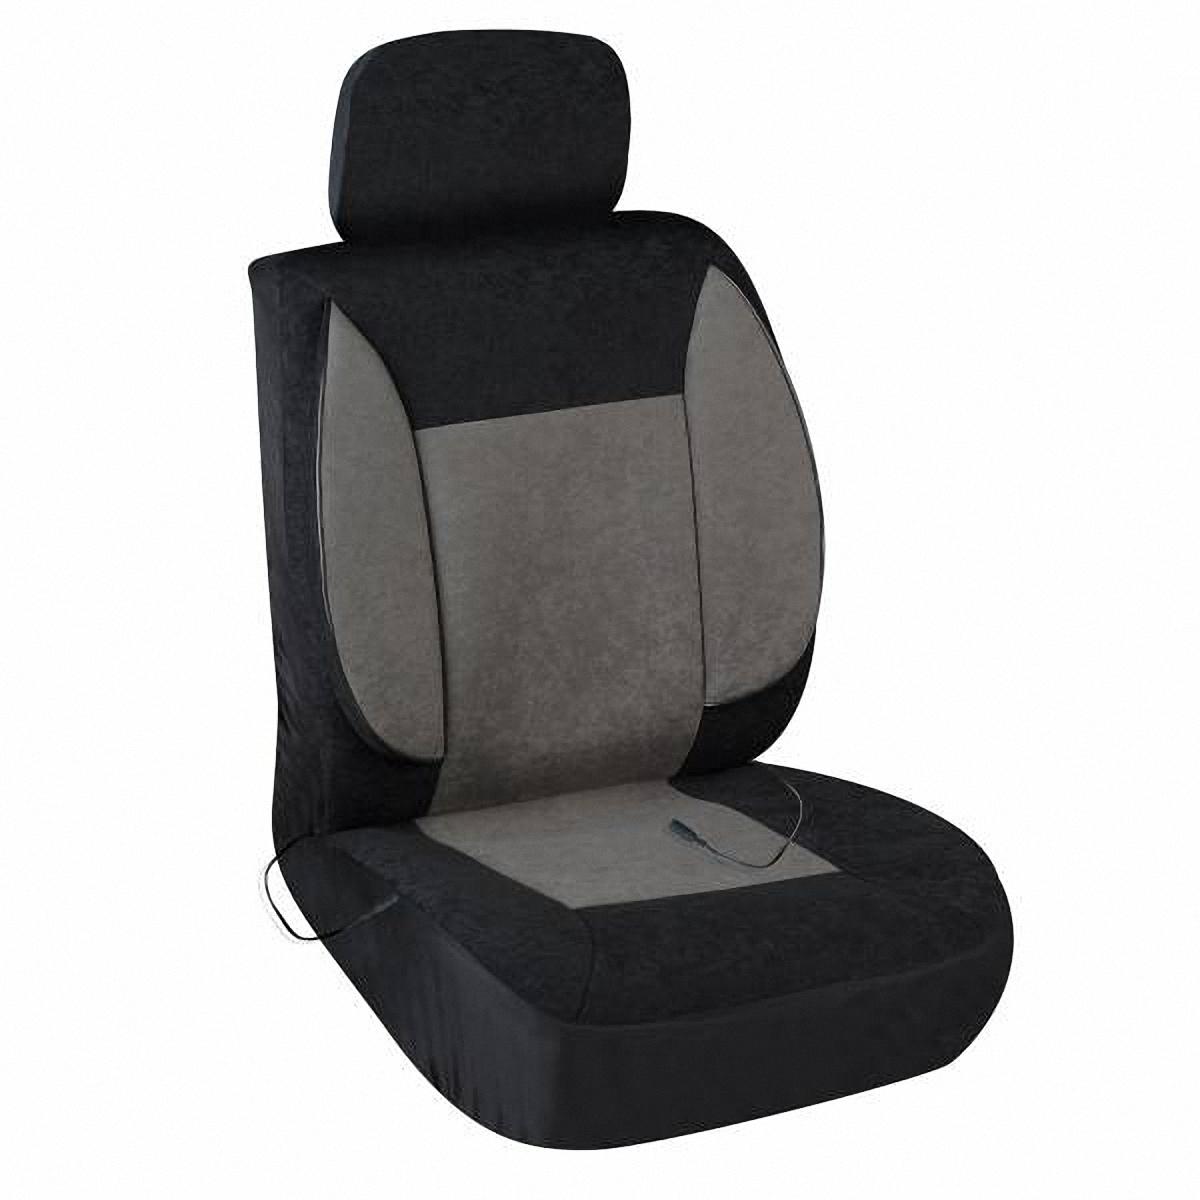 Чехол на сиденье Skyway, с подогревом. S02202006TRS/MTX-001 BK/D.GYЧехол на сиденье Skyway, изготовленный из велюра, снижает усталость при управлении автомобилем и обеспечивает комфортное вождение в холодное время года.Подогрев сиденья с терморегулятором (2 режима). В качестве теплоносителя применяется углеродный материал. Такой нагреватель обладает феноменальной гибкостью и прочностью на разрыв в отличие от аналогов, изготовленных из медного или иного металлического провода.Устройство подключается к прикуривателю на 12V.Размер чехла: 116 х 56 см.